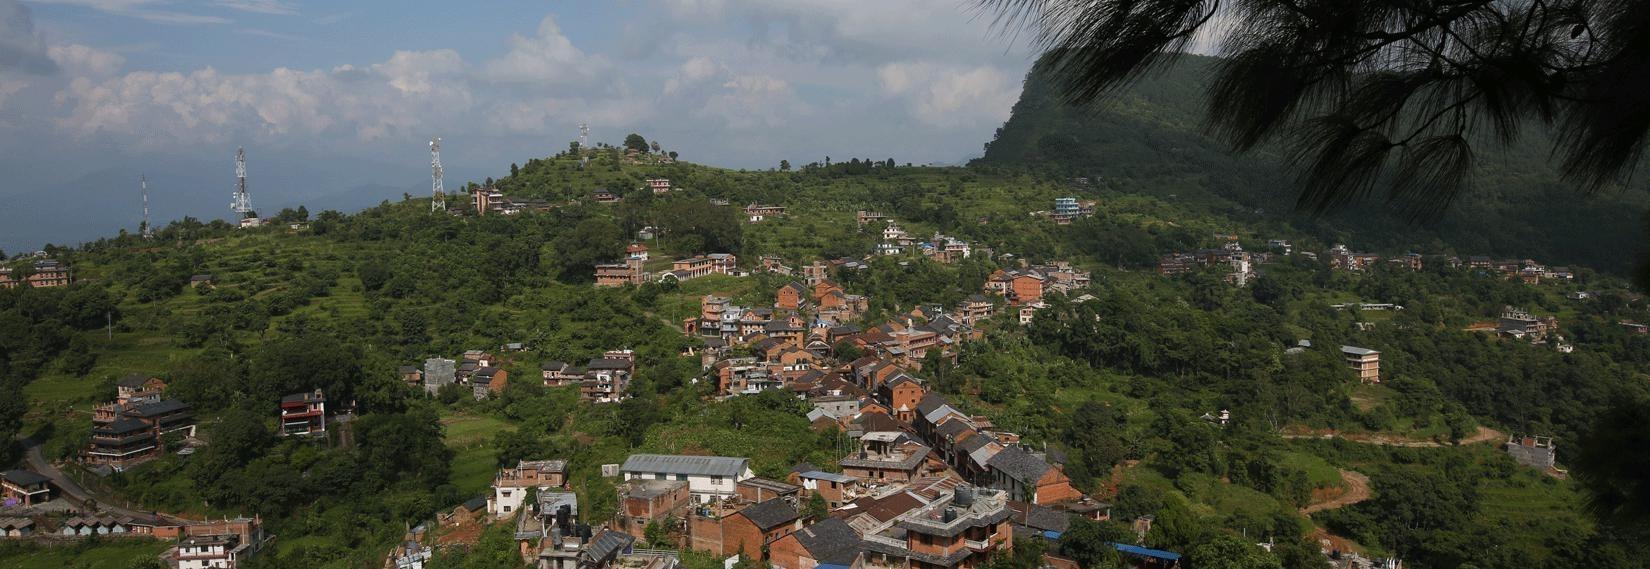 Bandipur in Nepal